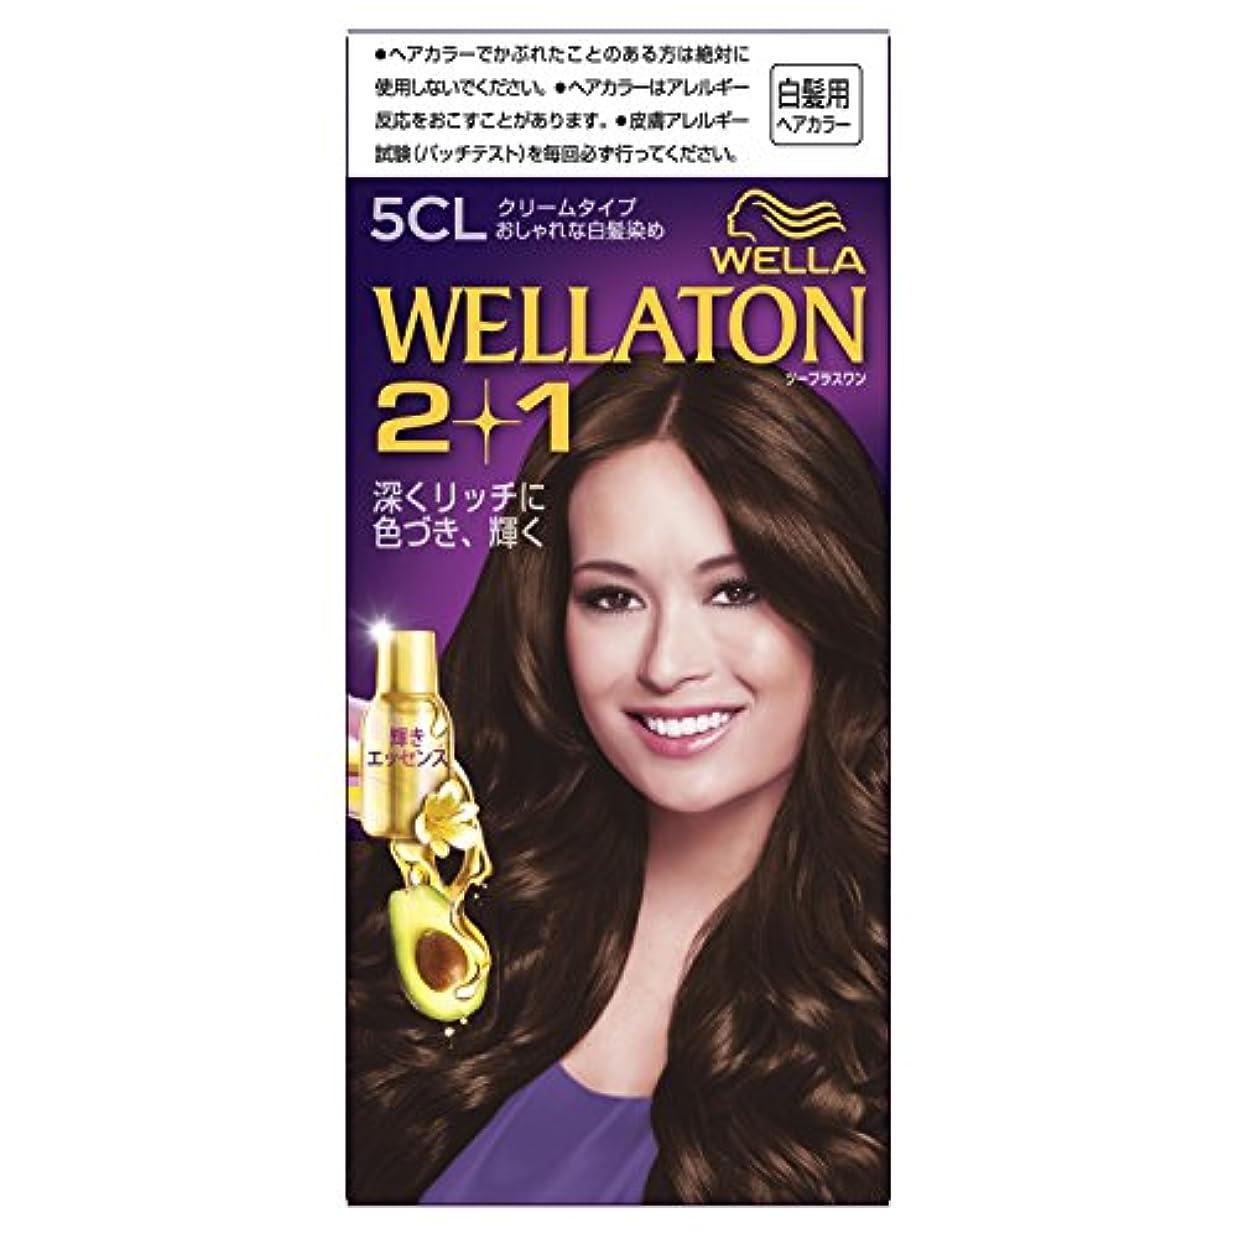 堂々たる処方やがてウエラトーン2+1 クリームタイプ 5CL [医薬部外品](おしゃれな白髪染め)